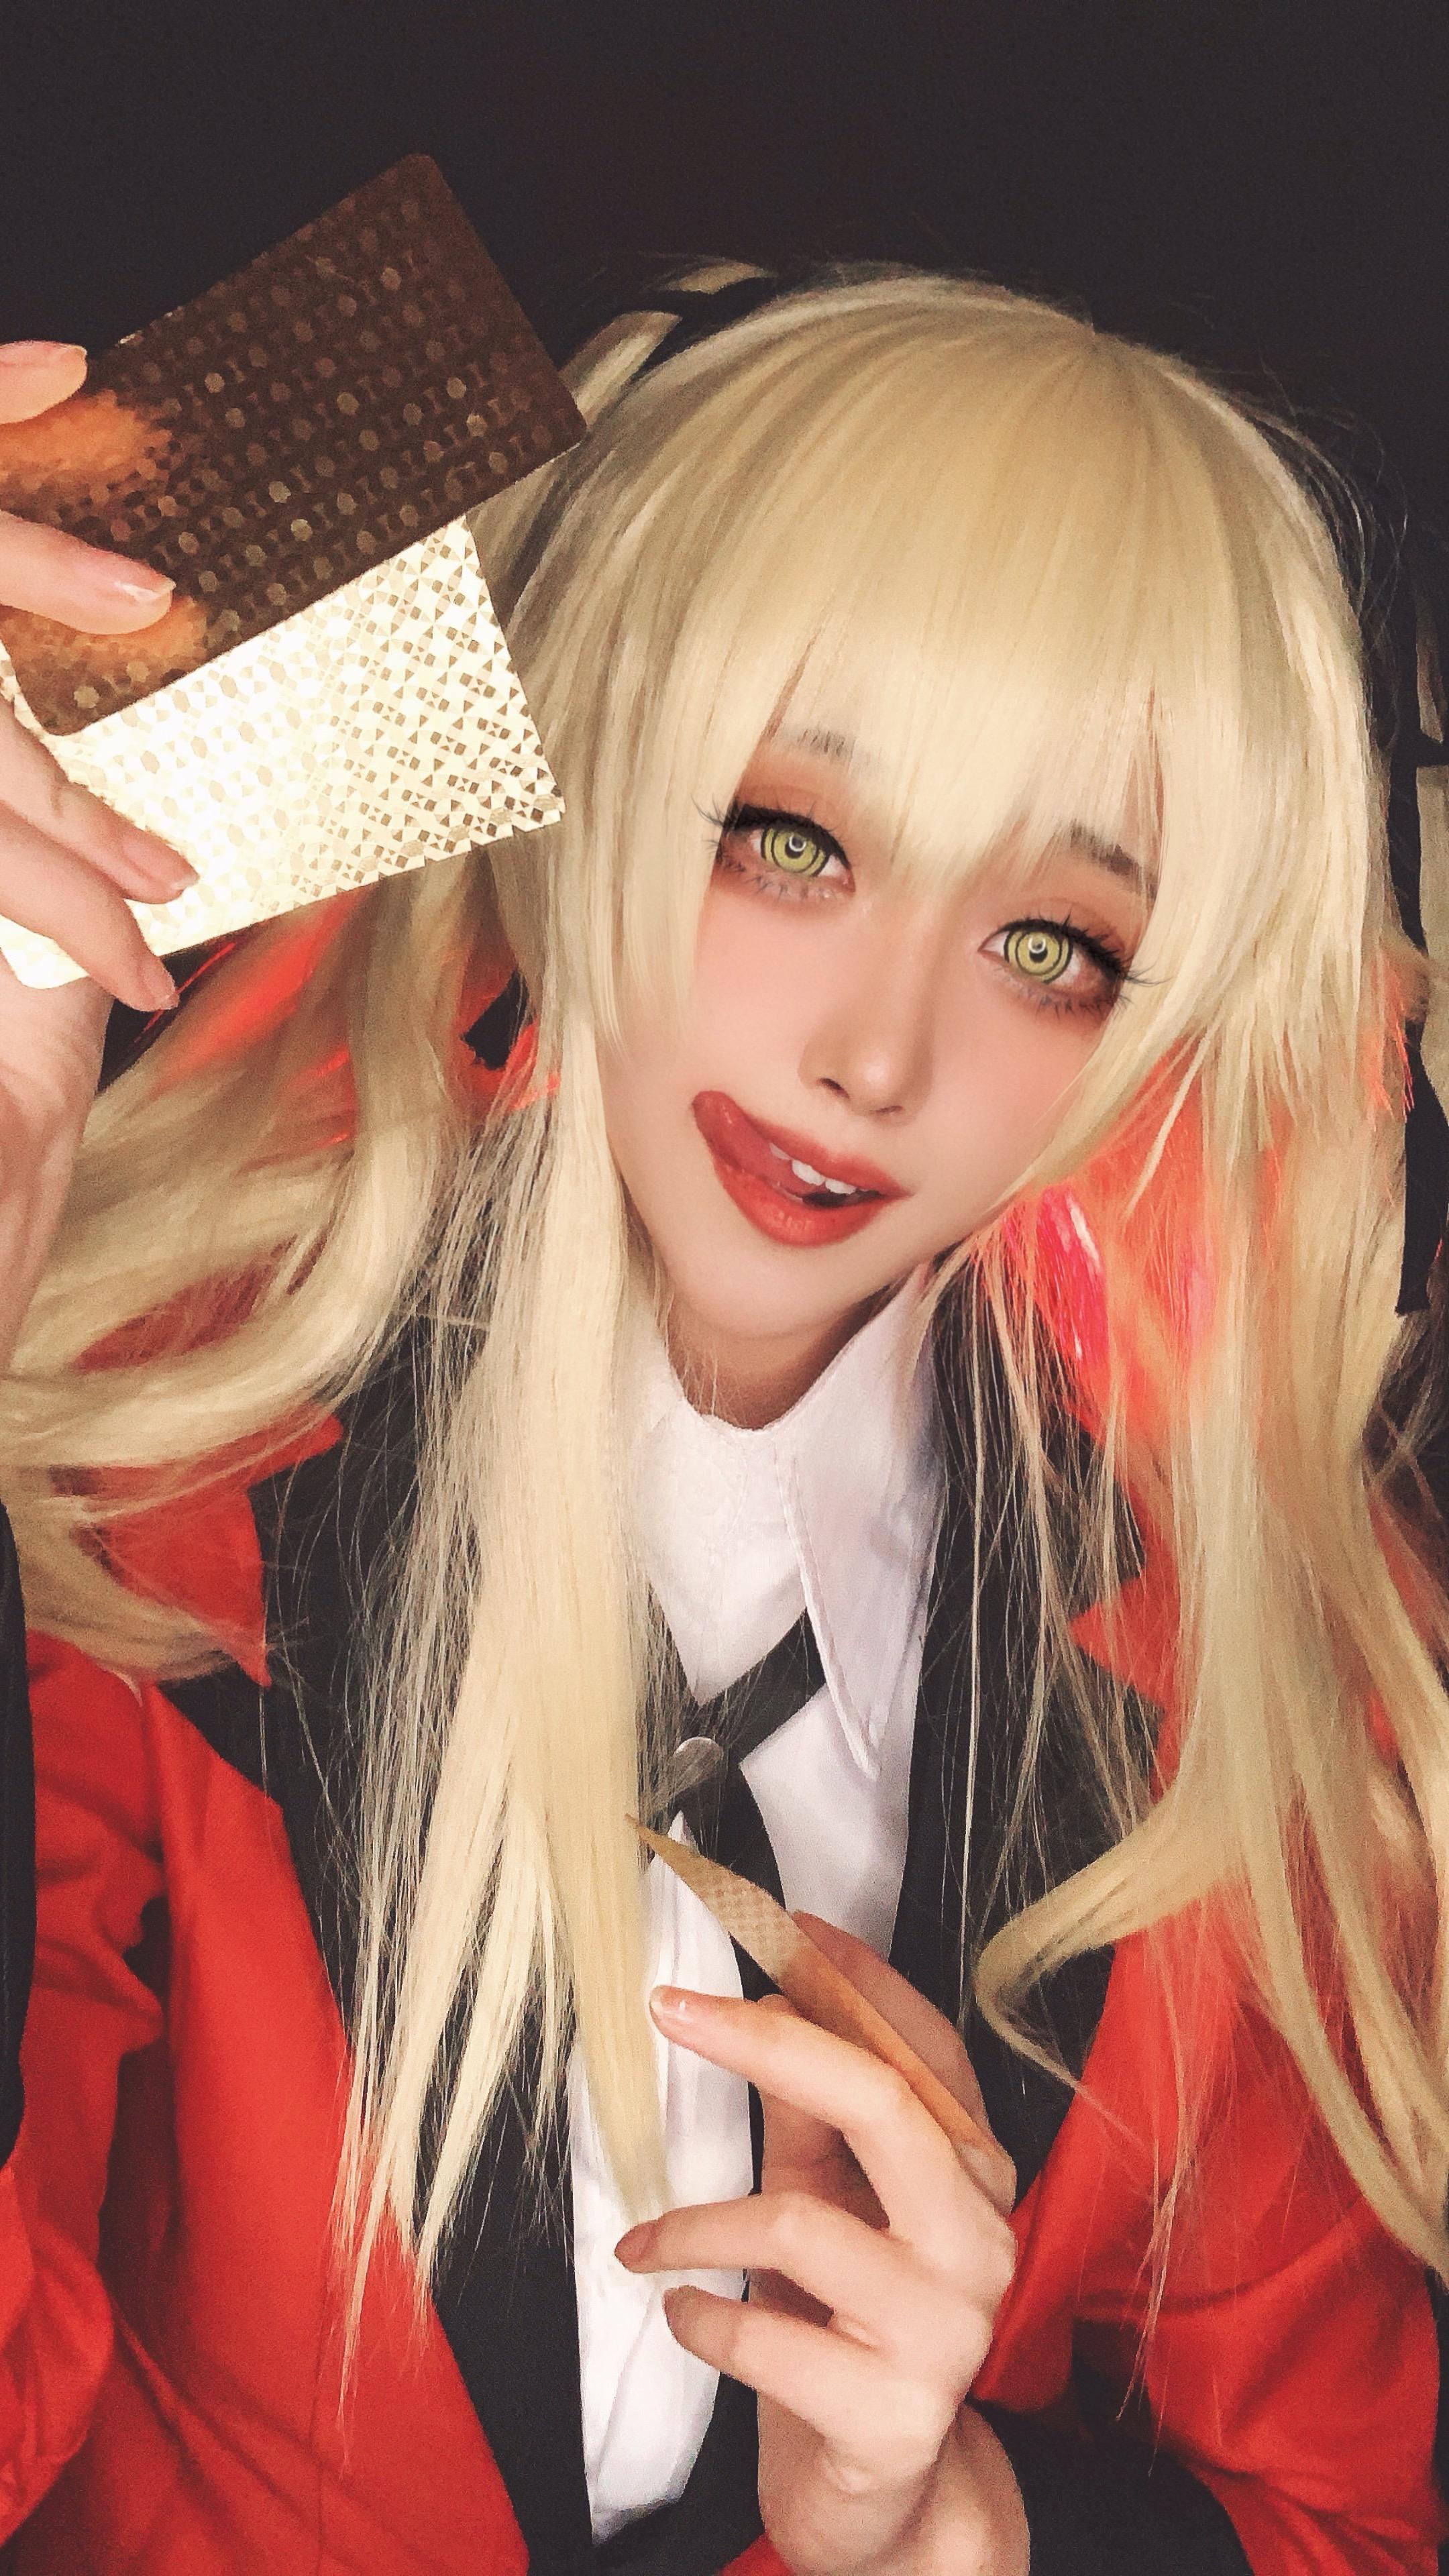 《狂赌之渊》早乙女cosplay【CN:w面包w】-第1张